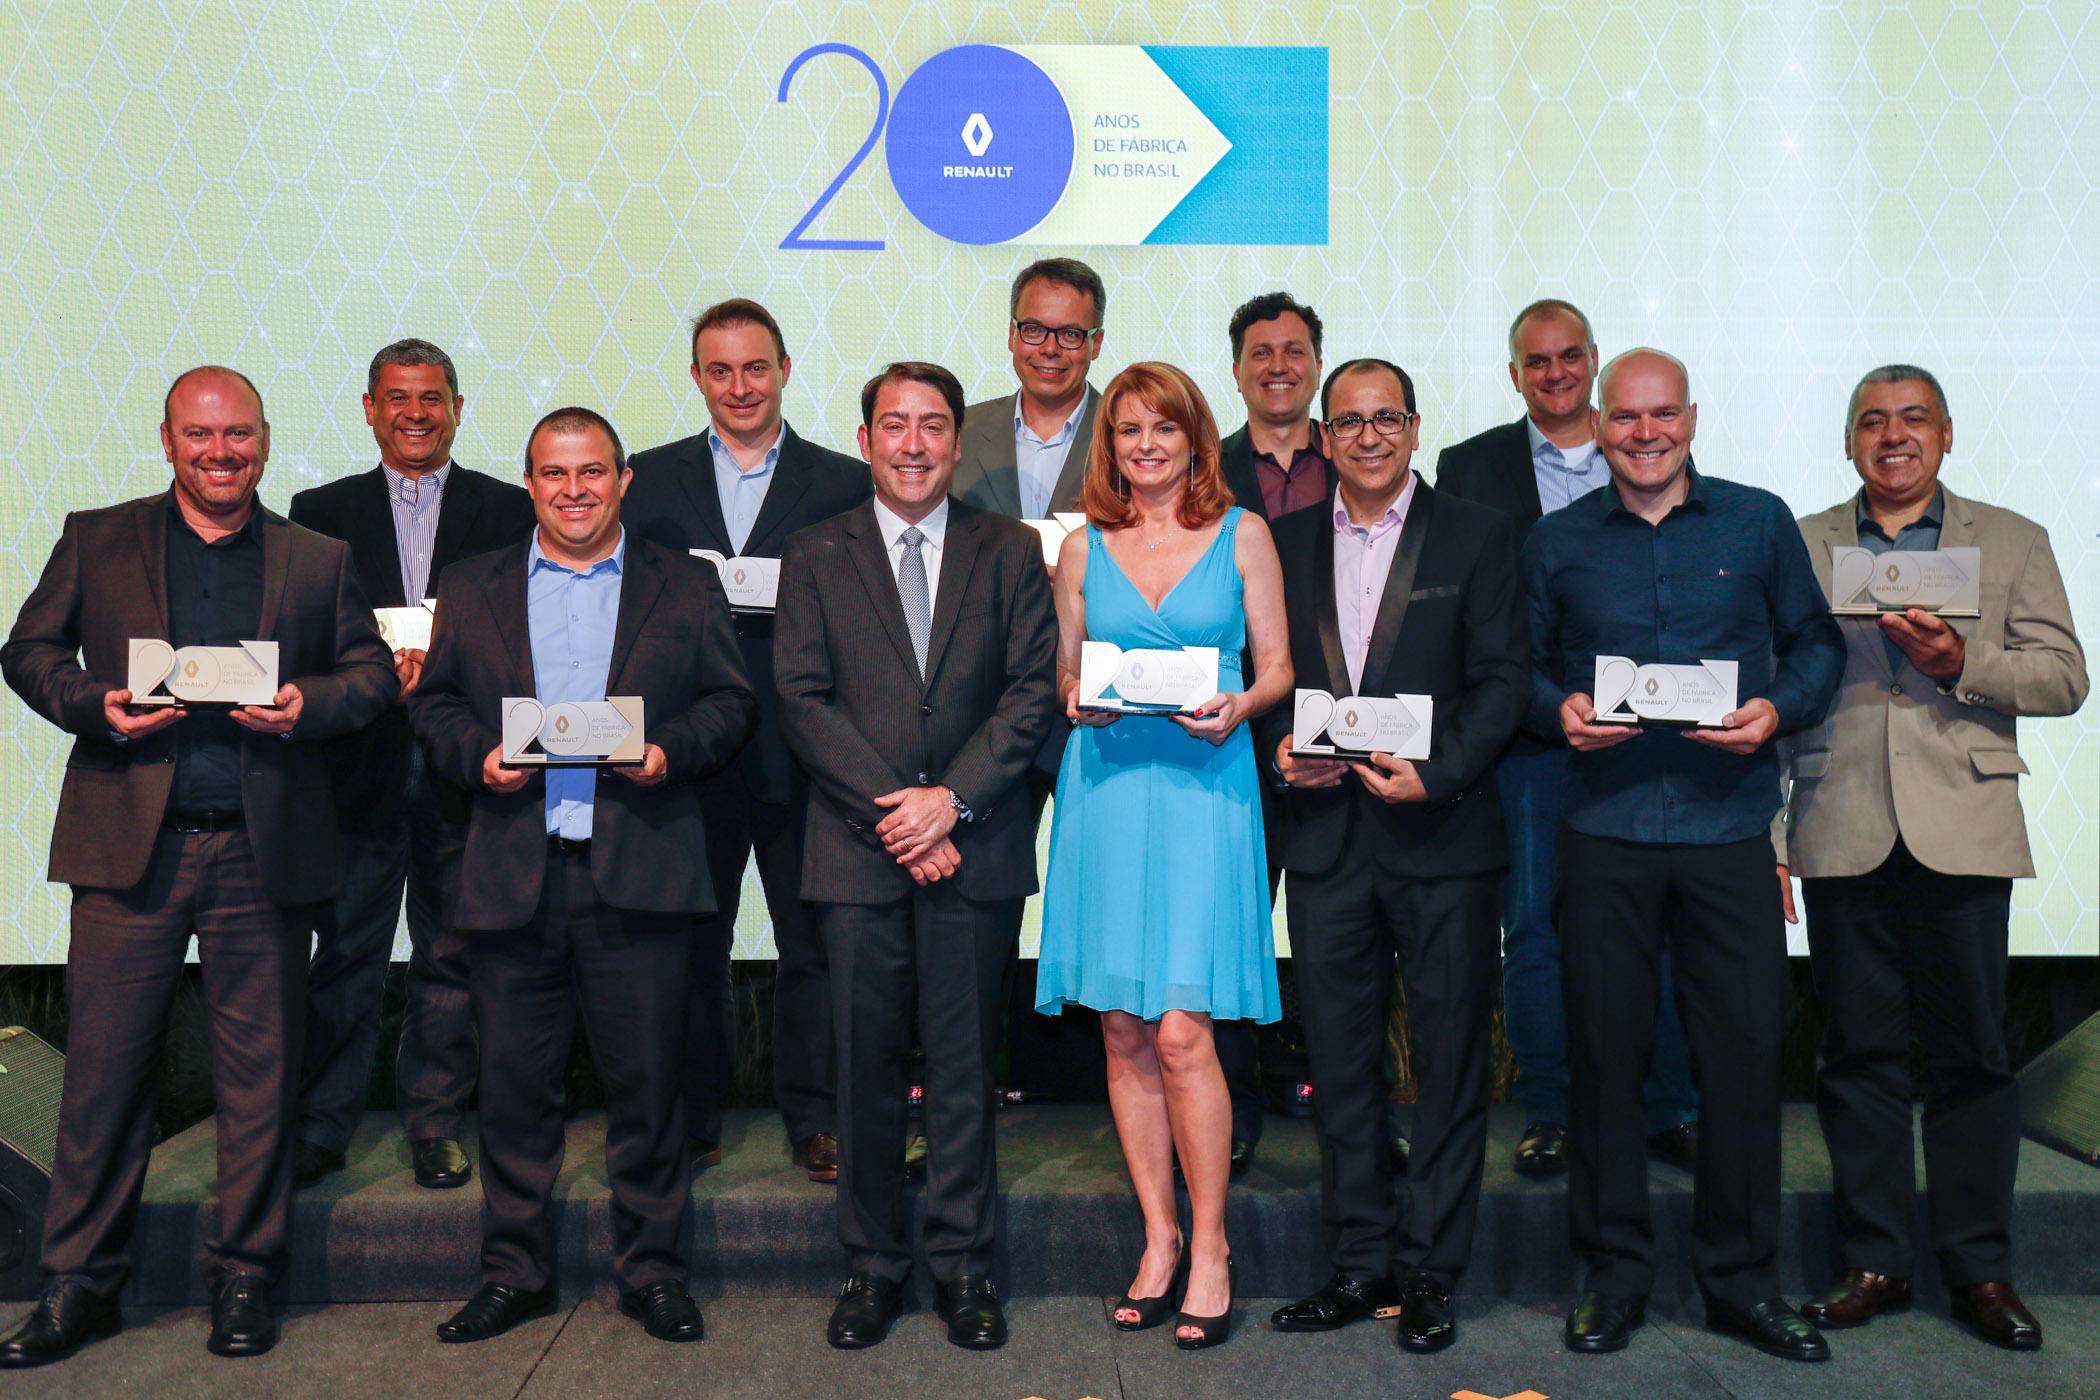 Pedrucci com alguns dos funcionários homenageados por completarem 20 anos de empresa, no jantar na Sociedade Hípica Paranaense.